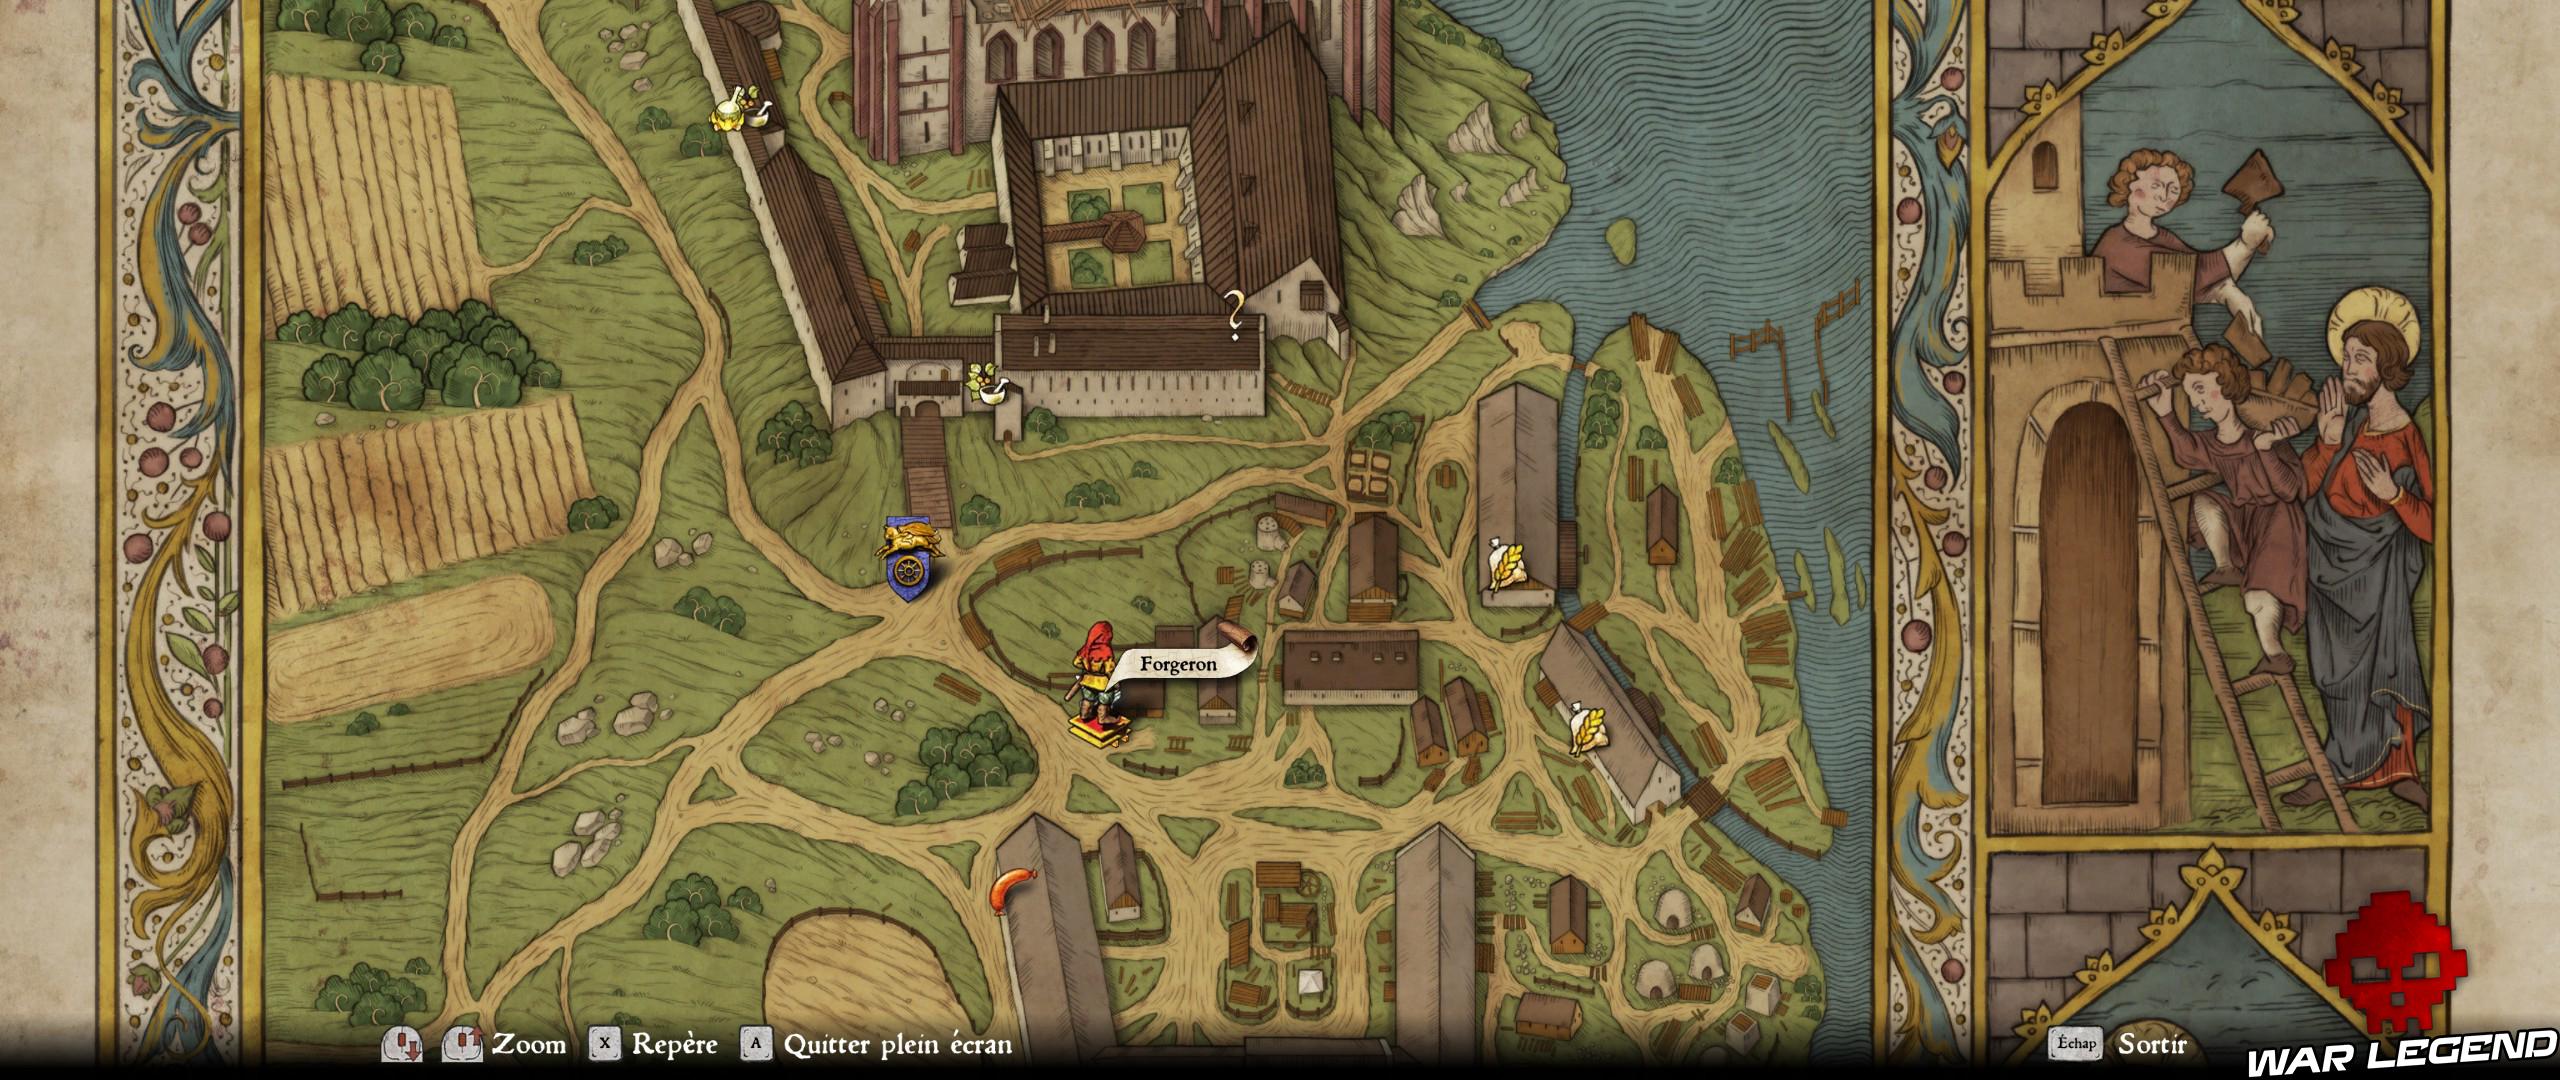 KCD Soluce Tout ce qui brille carte forgeron du monastère